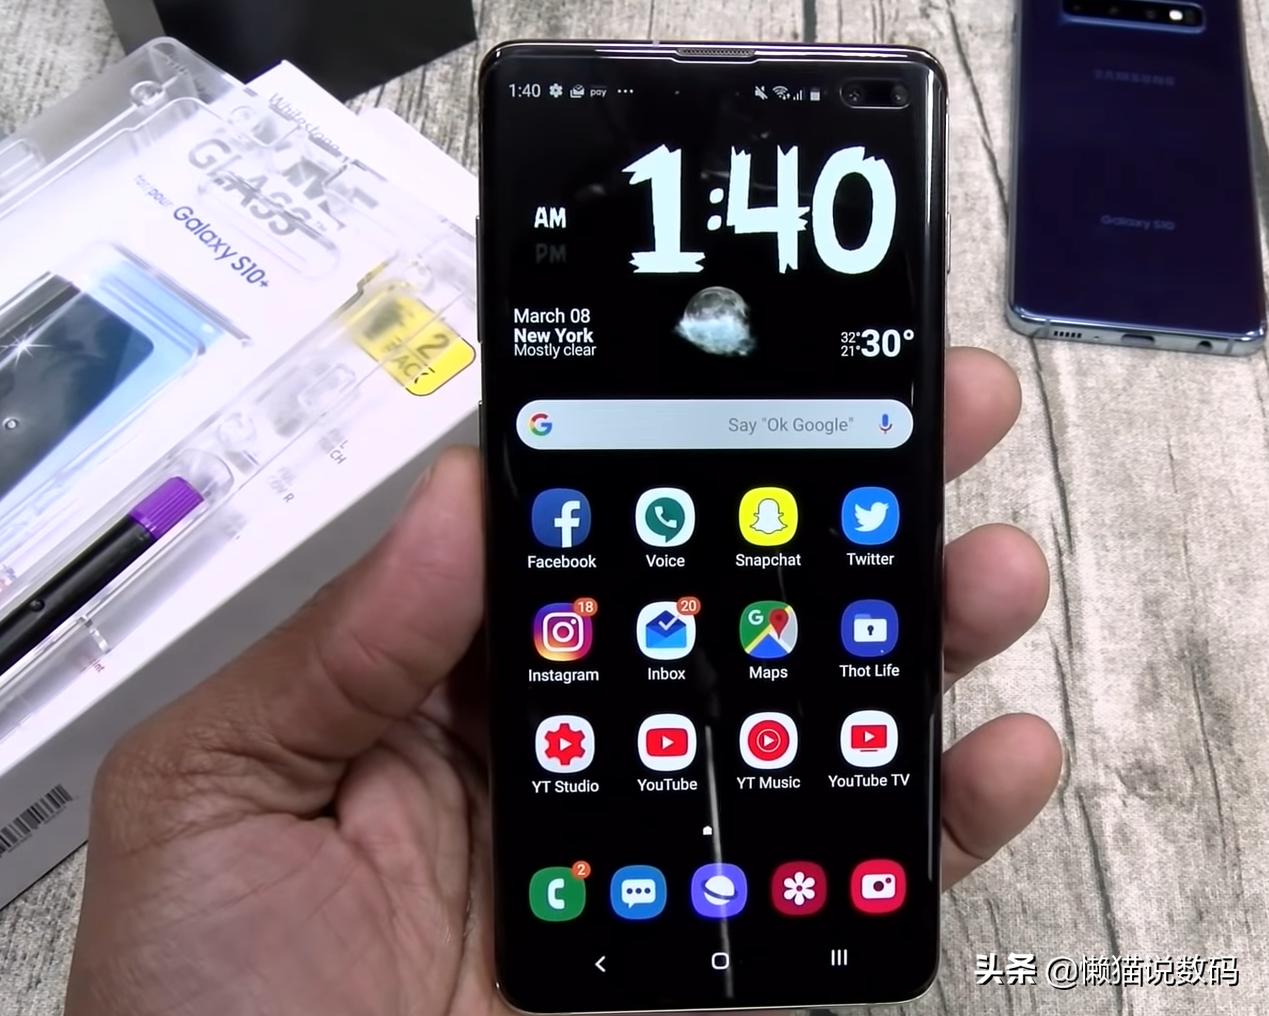 历数三星 Galaxy S系列产品从问世到现在的转变